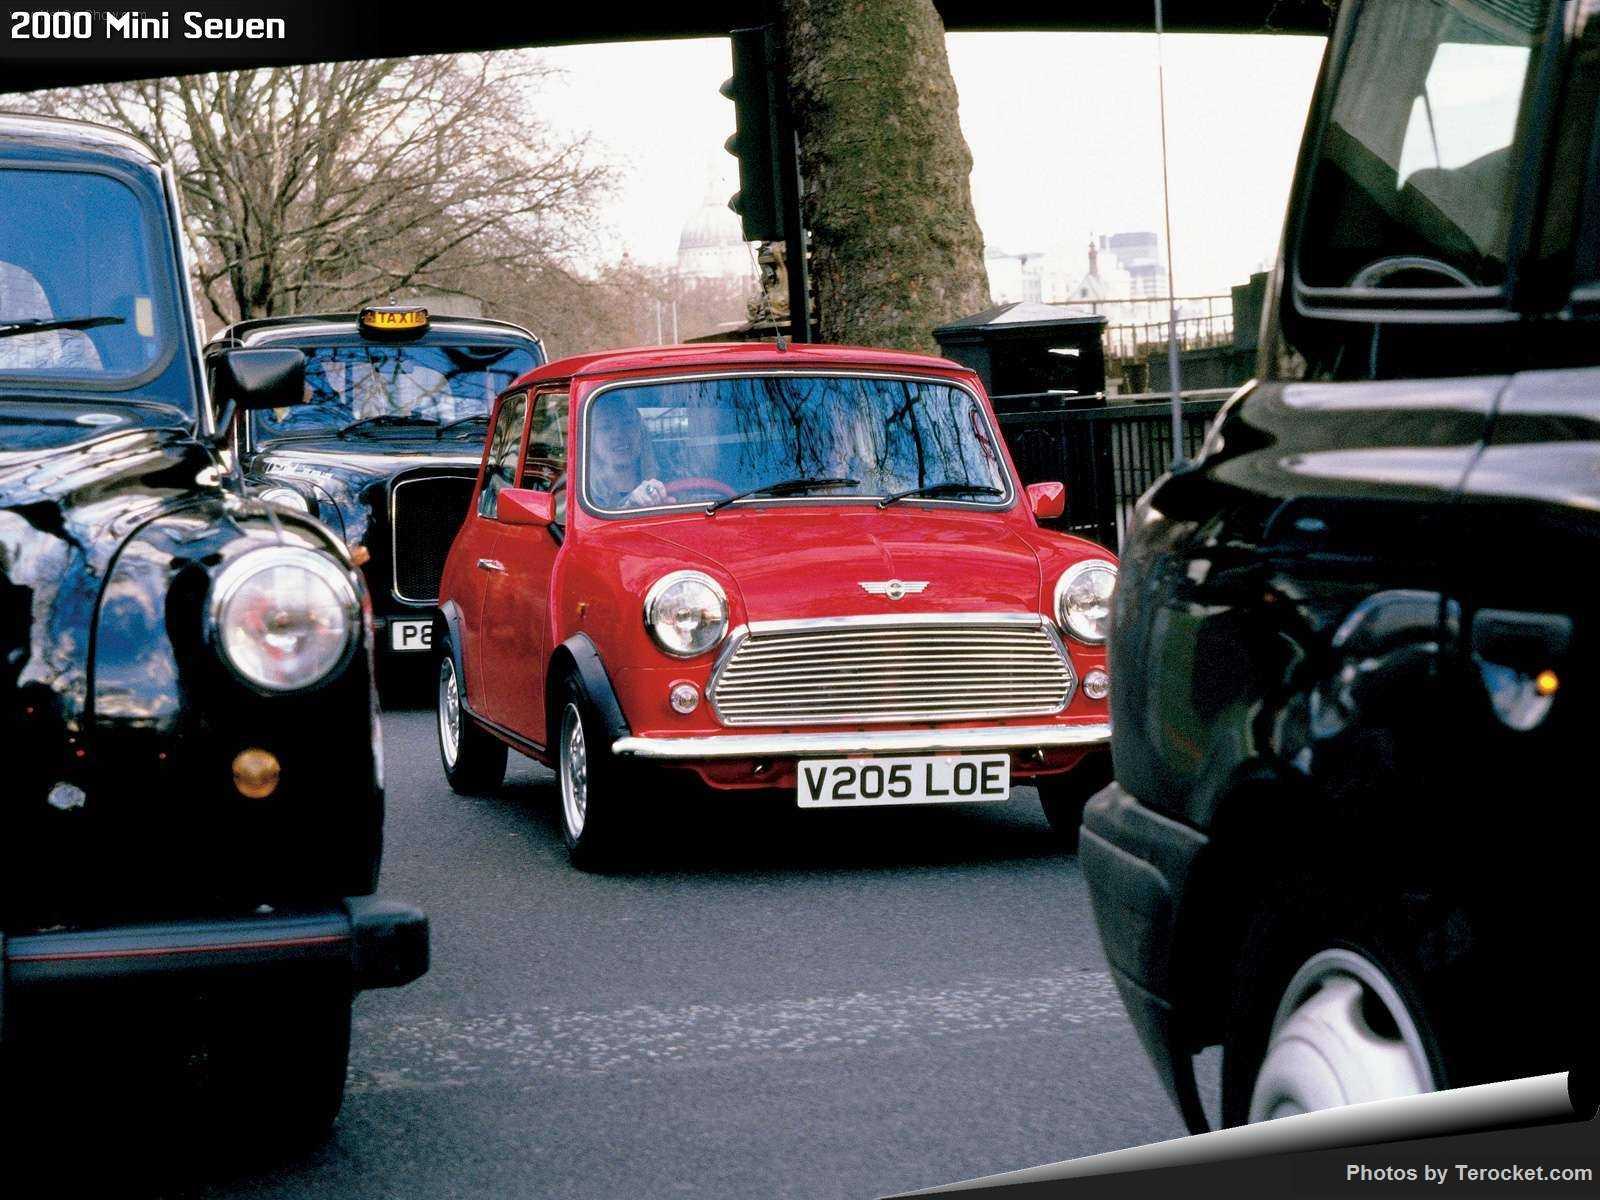 Hình ảnh xe ô tô Mini Seven 2000 & nội ngoại thất